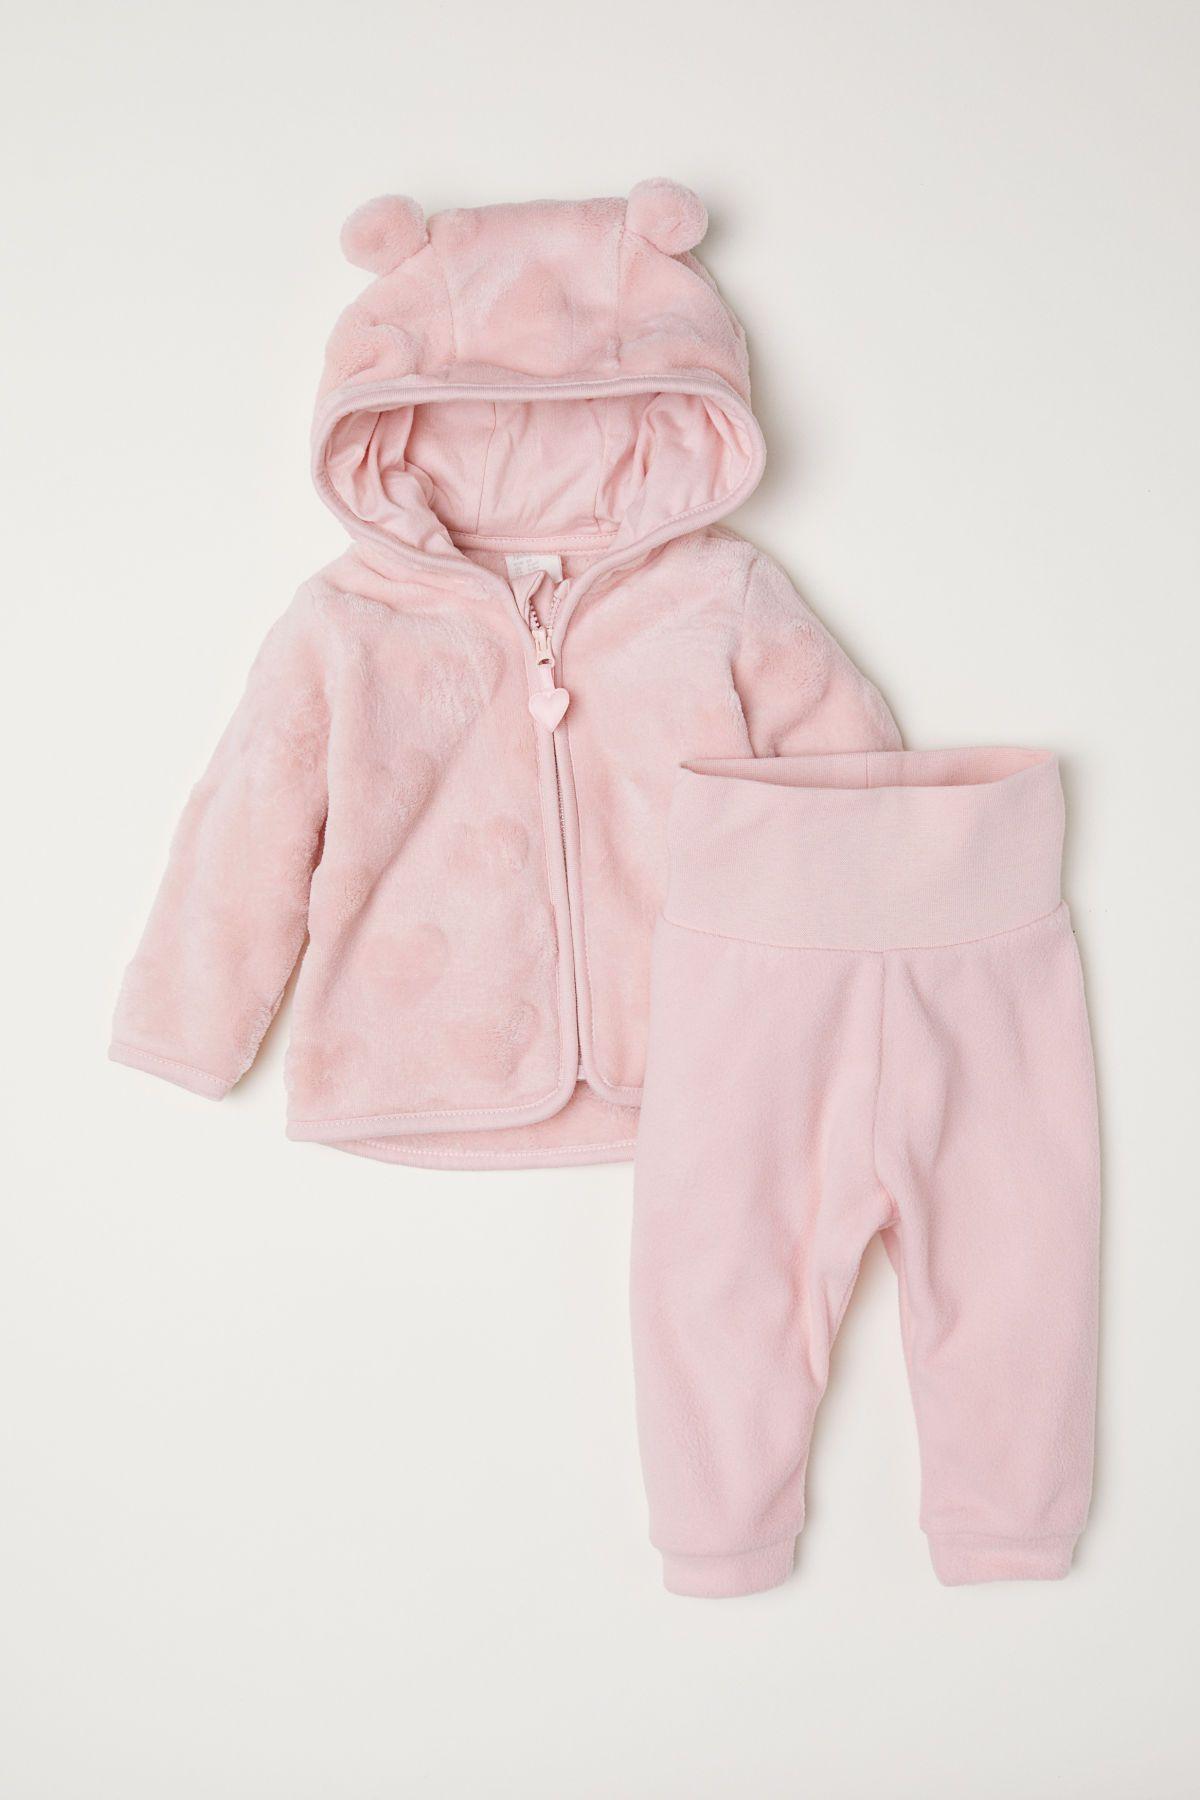 Jacke und Hose | Jacken, Kinderbekleidung mädchen und